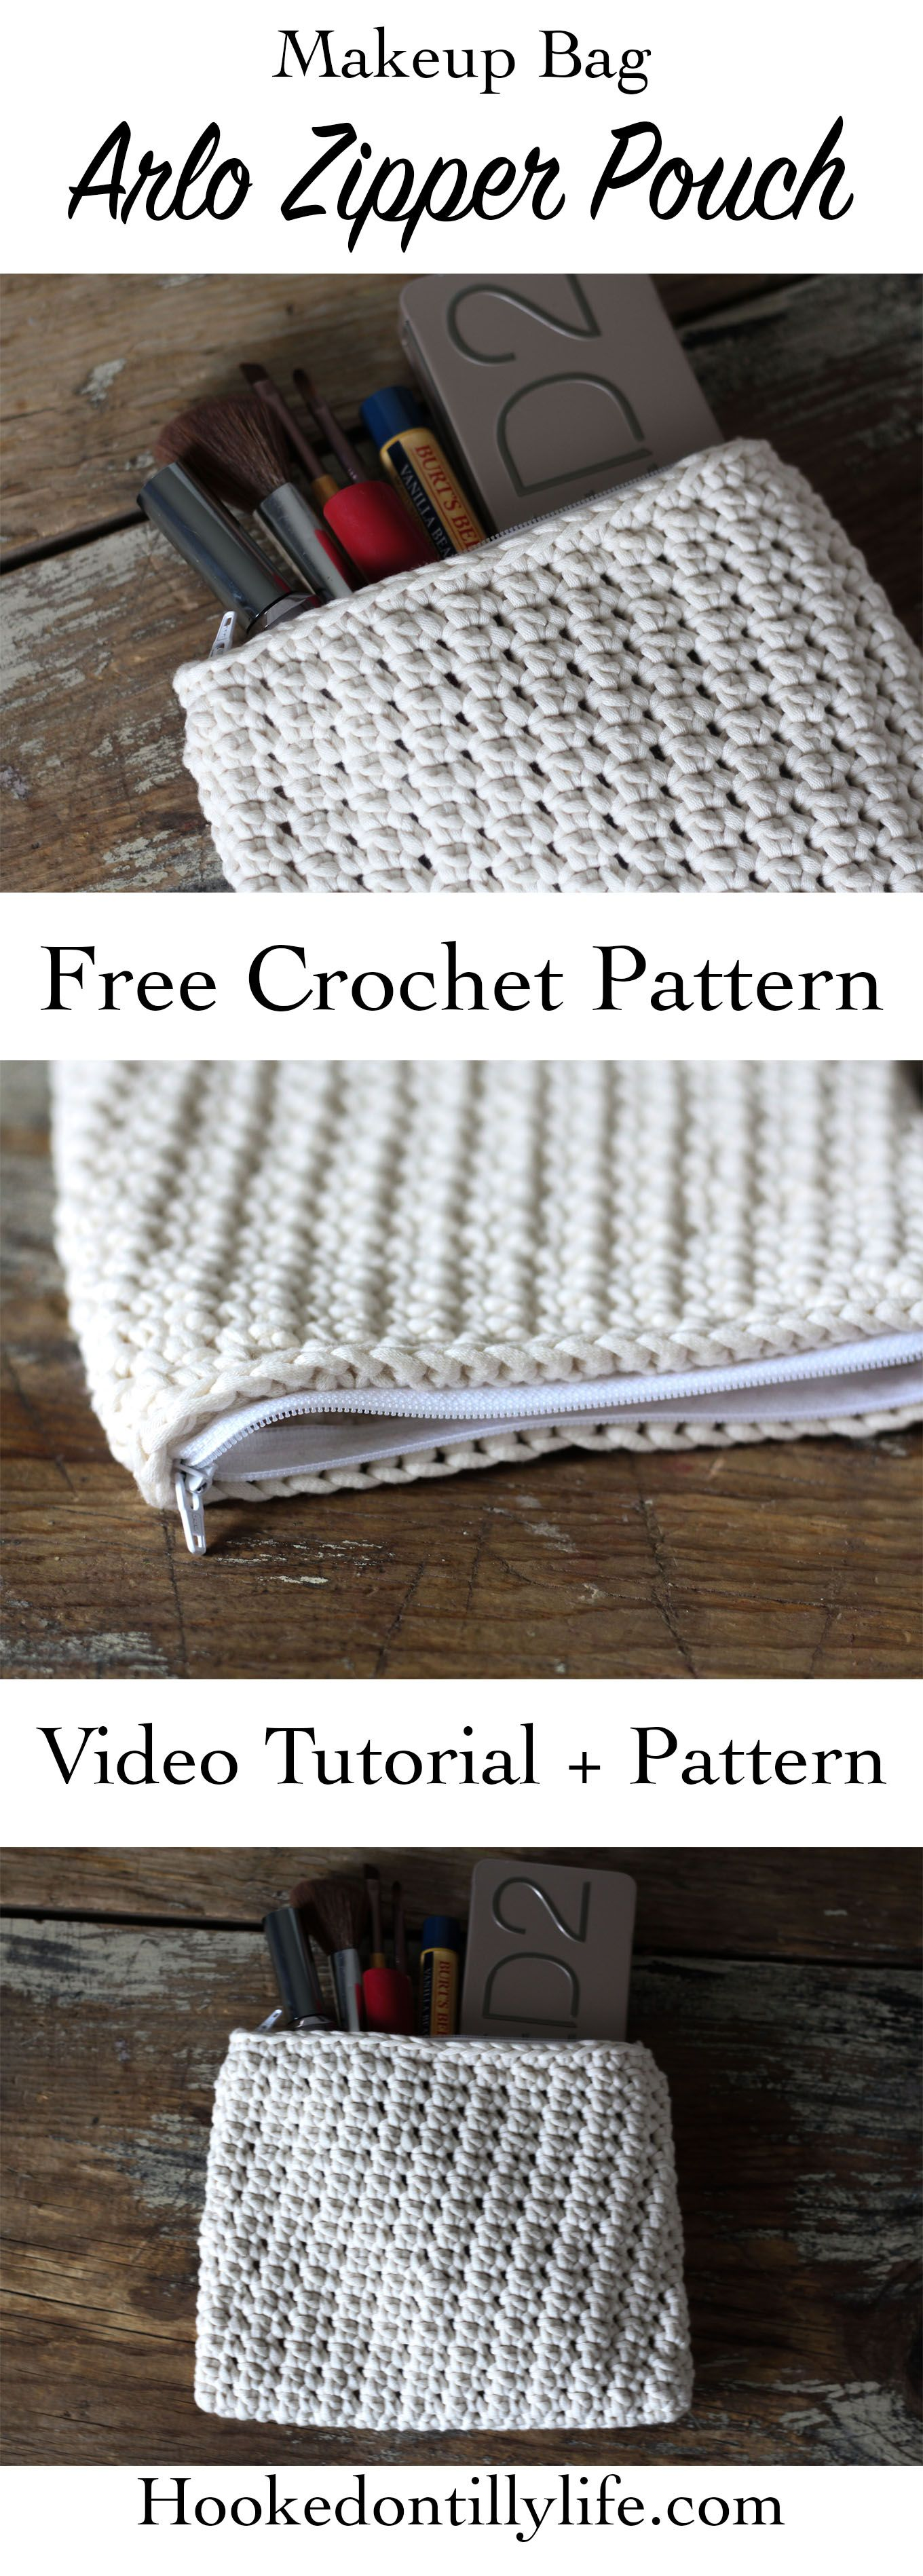 The Arlo Zipper Pouch - Free Crochet Pattern